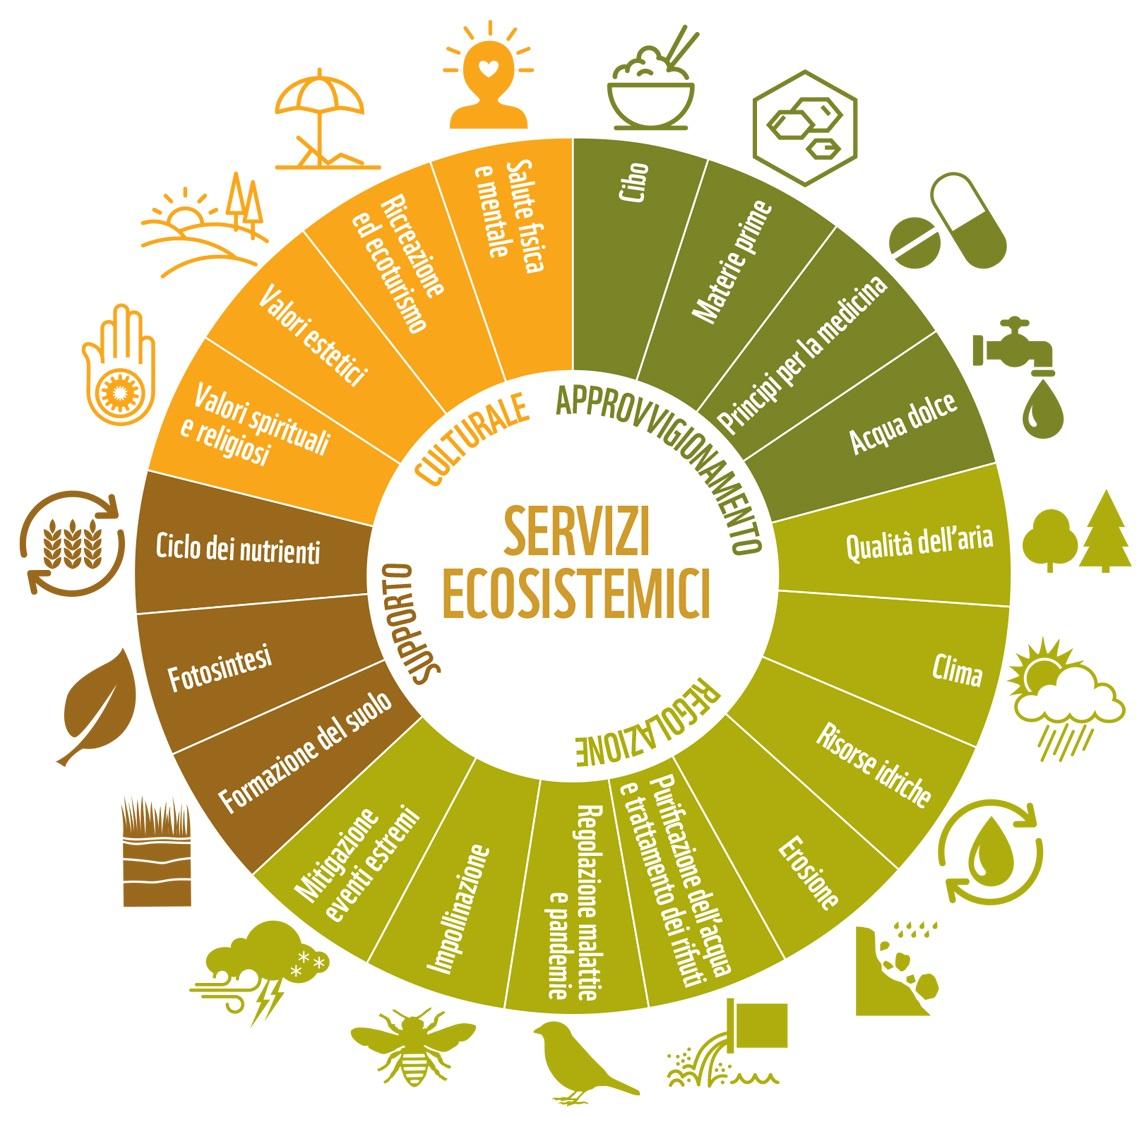 Servizi ecosistemici